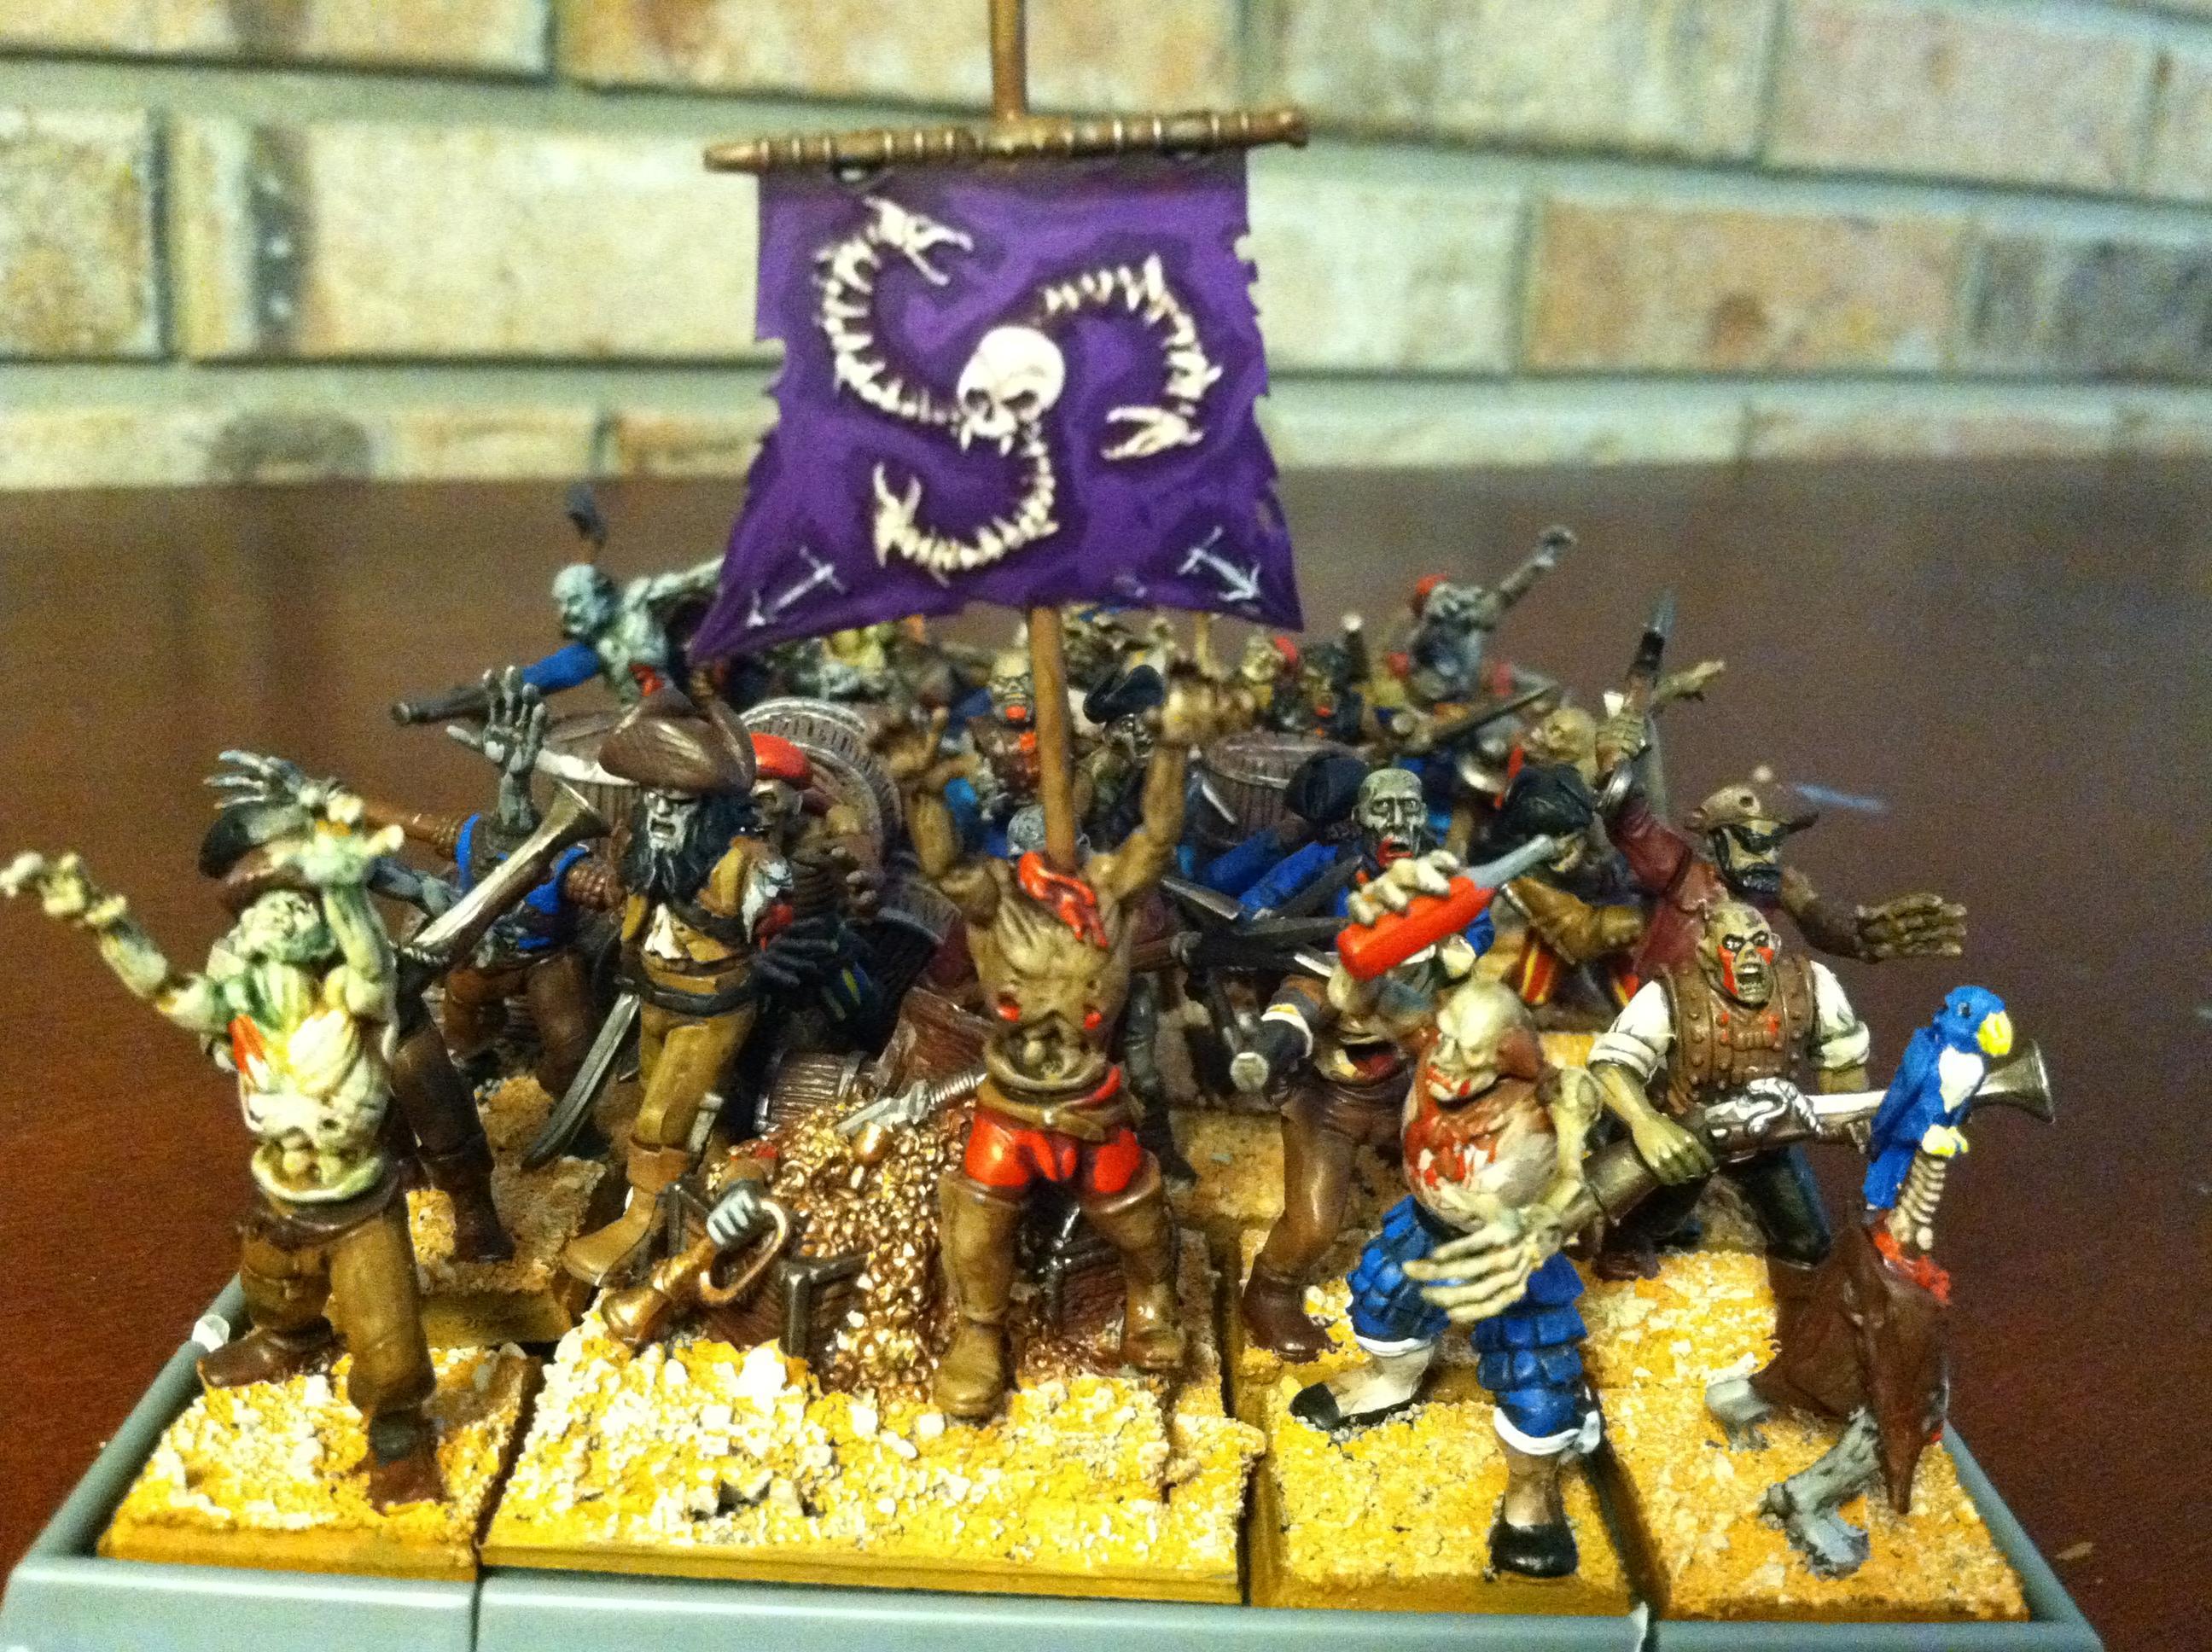 Pirates, Undead, Warhammer Fantasy, Zombie